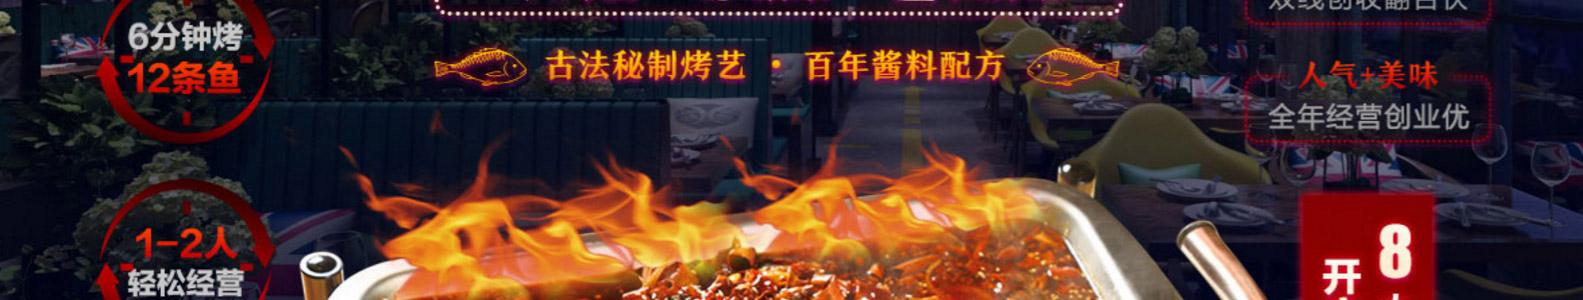 韓魚客烤魚韓魚客烤魚_03